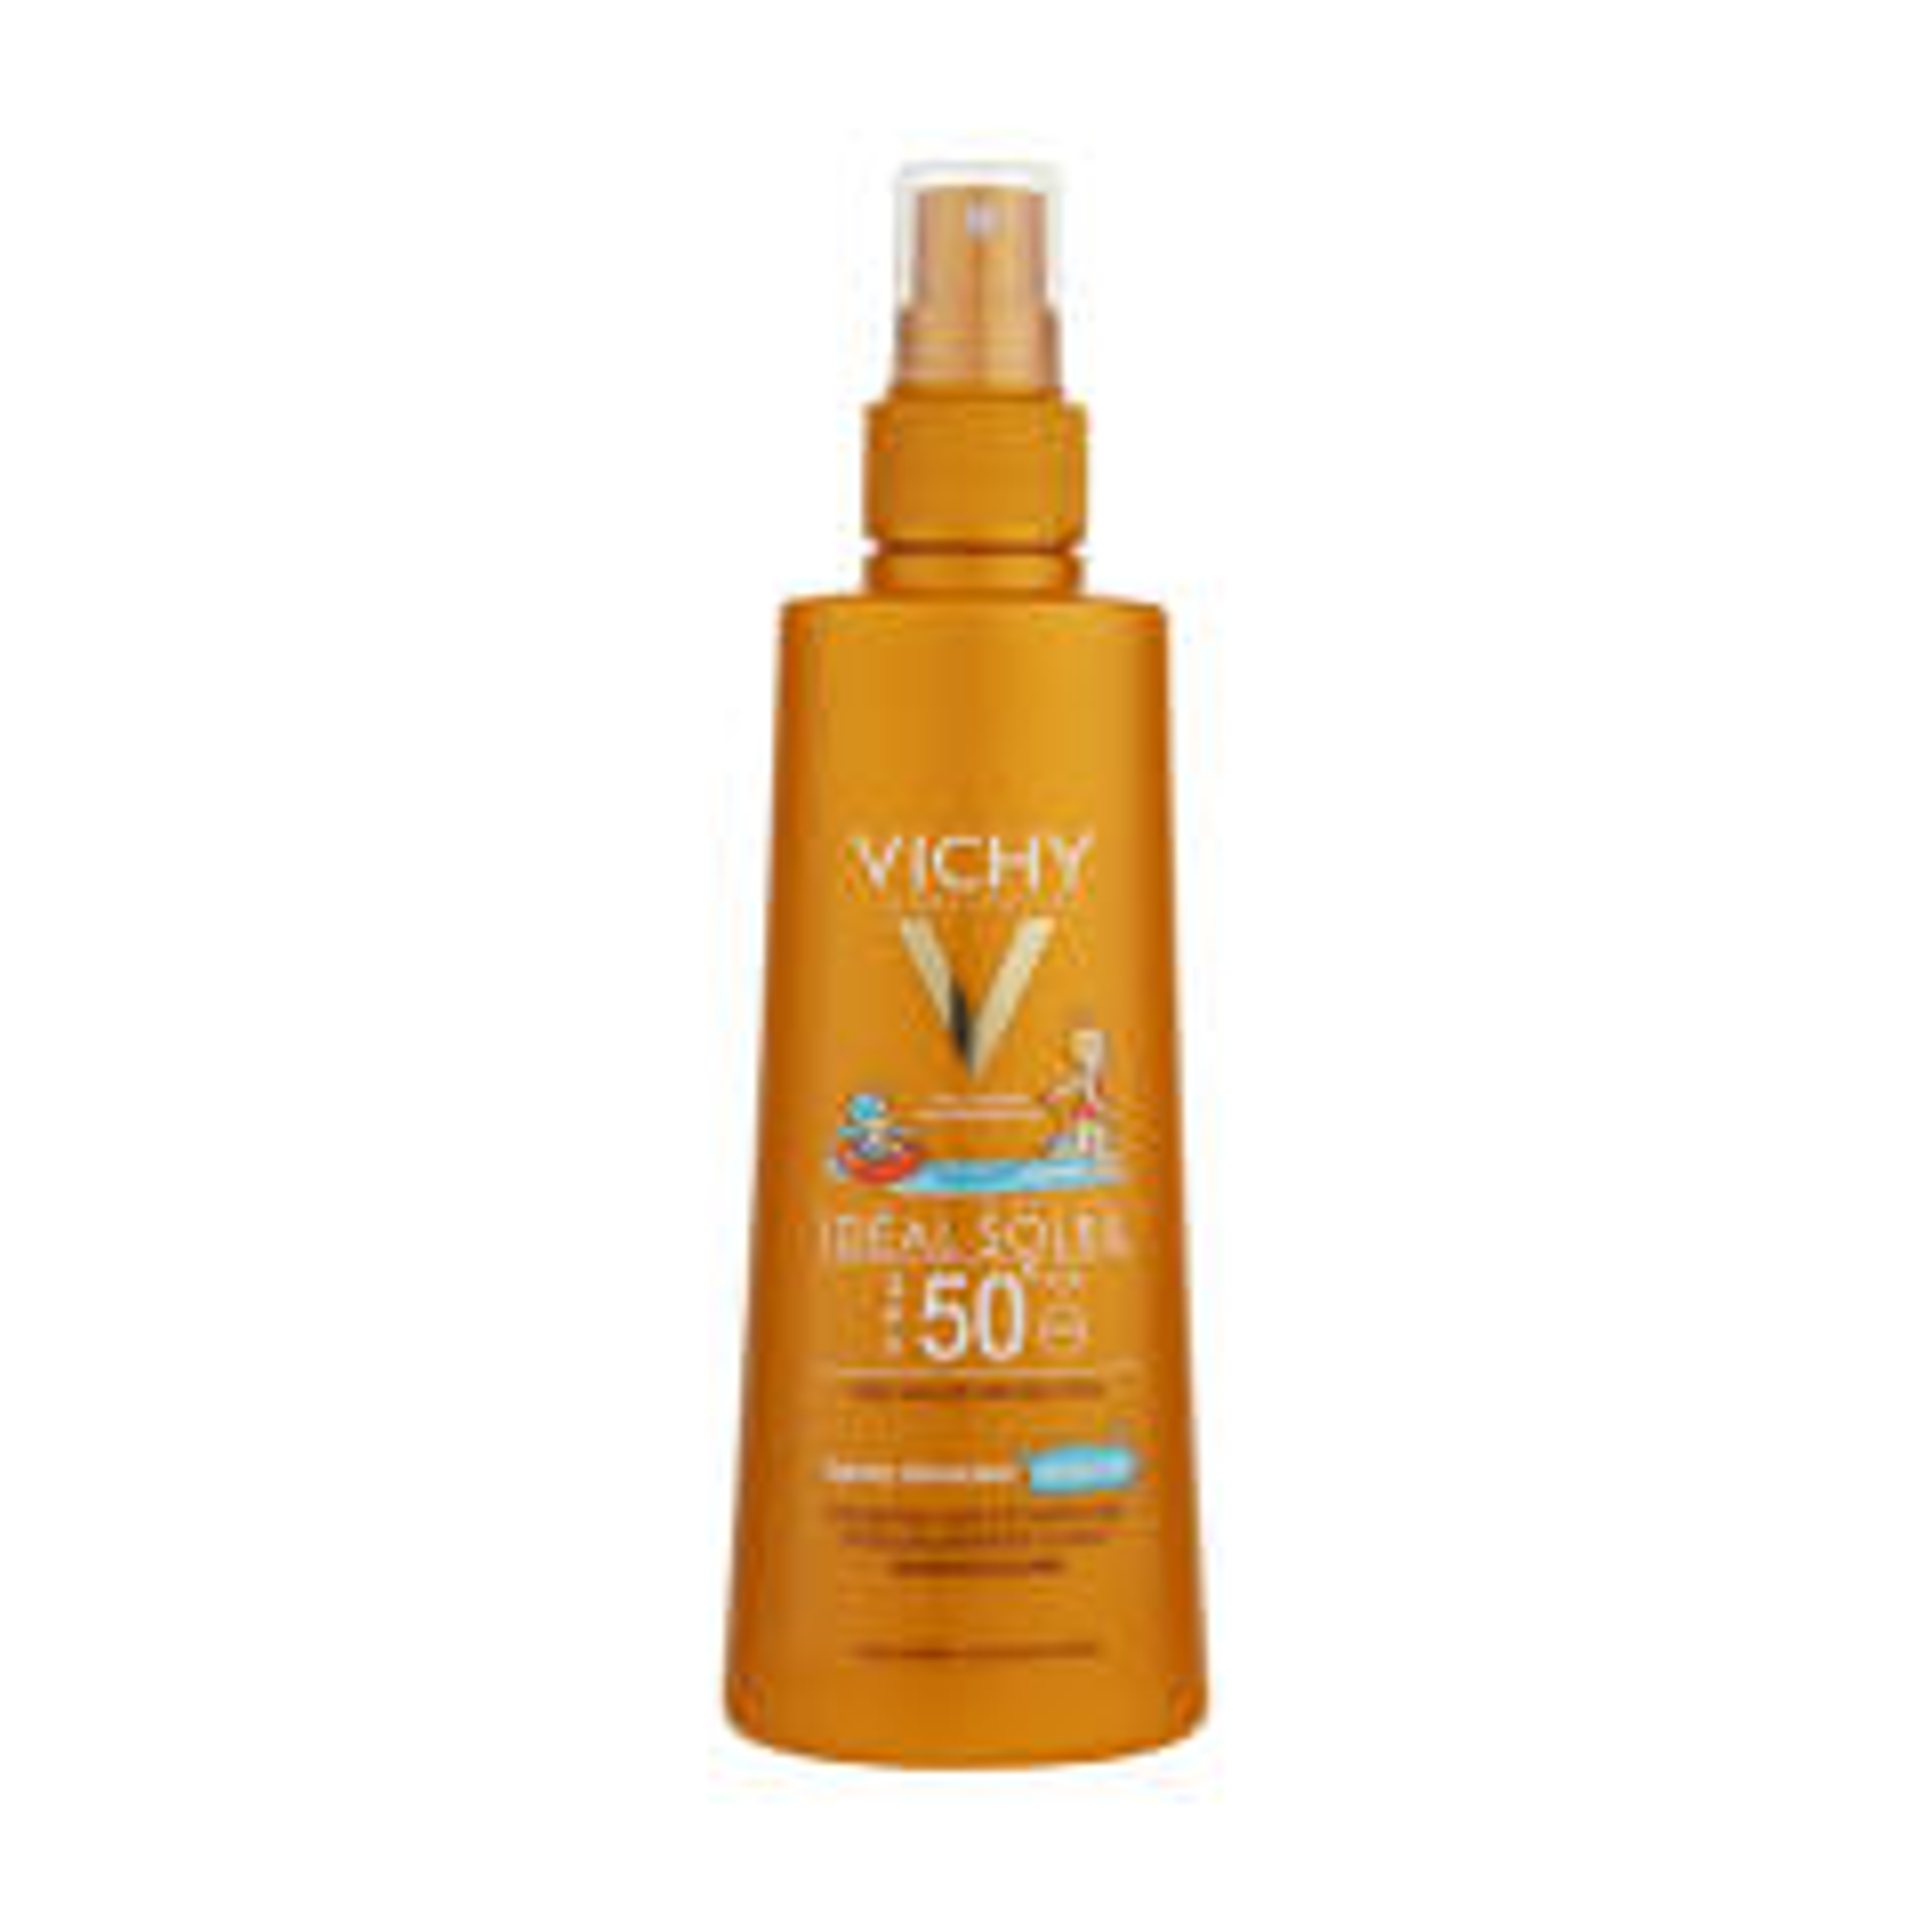 قیمت اسپری ضد آفتاب کودک ویشی سری Ideal Soleil حجم 200 میلی لیتر